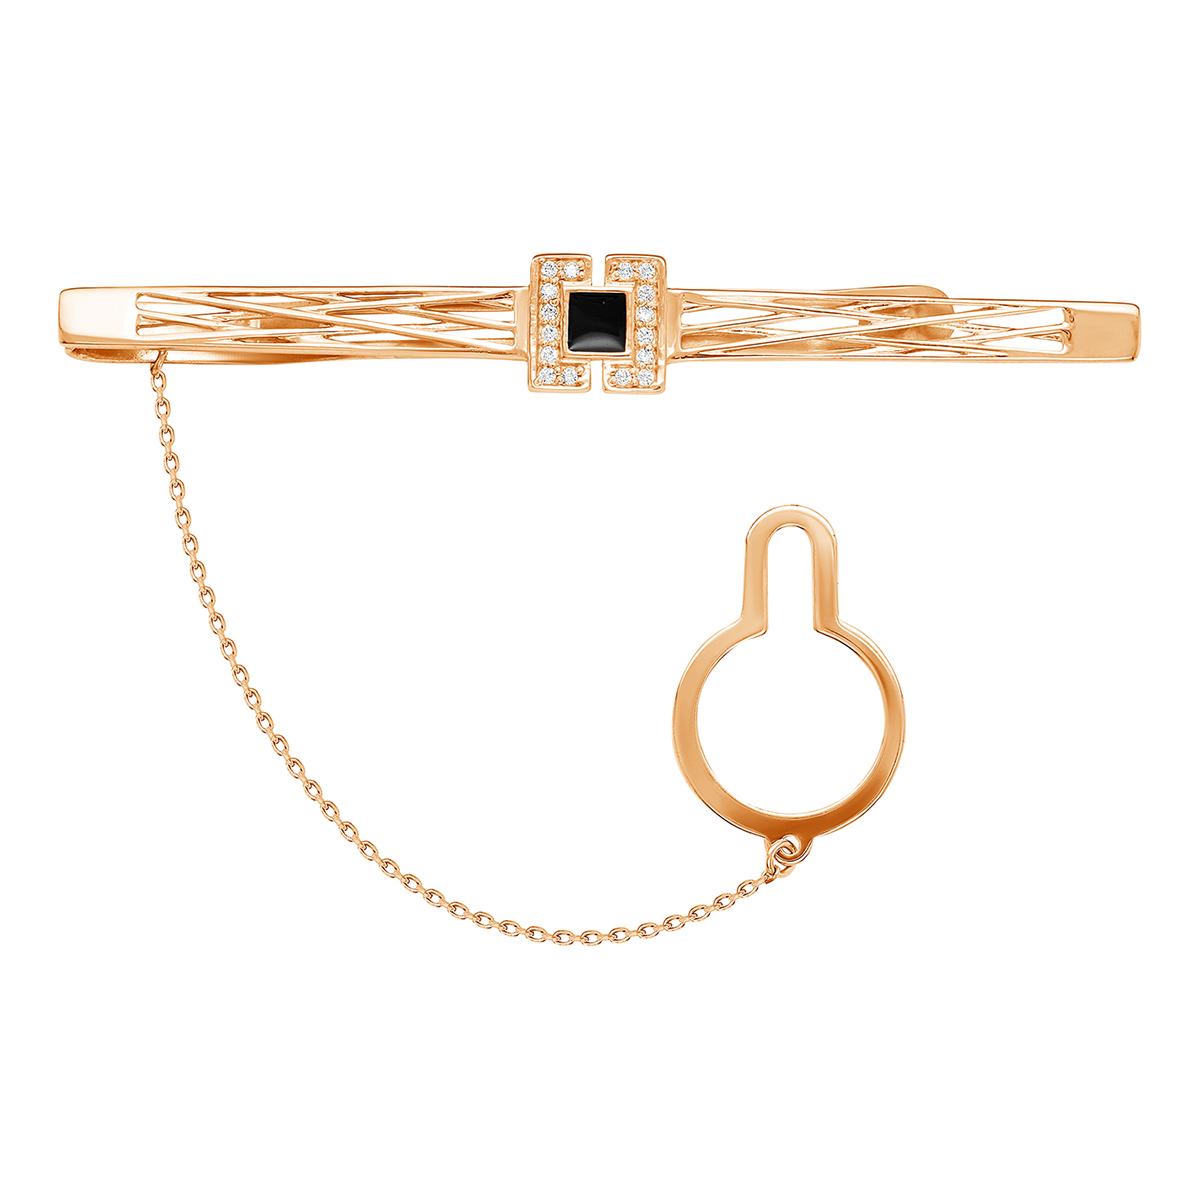 Зажим для галстука из красного золота со вставками: цирконий, эмаль 03-2699 zouz фото